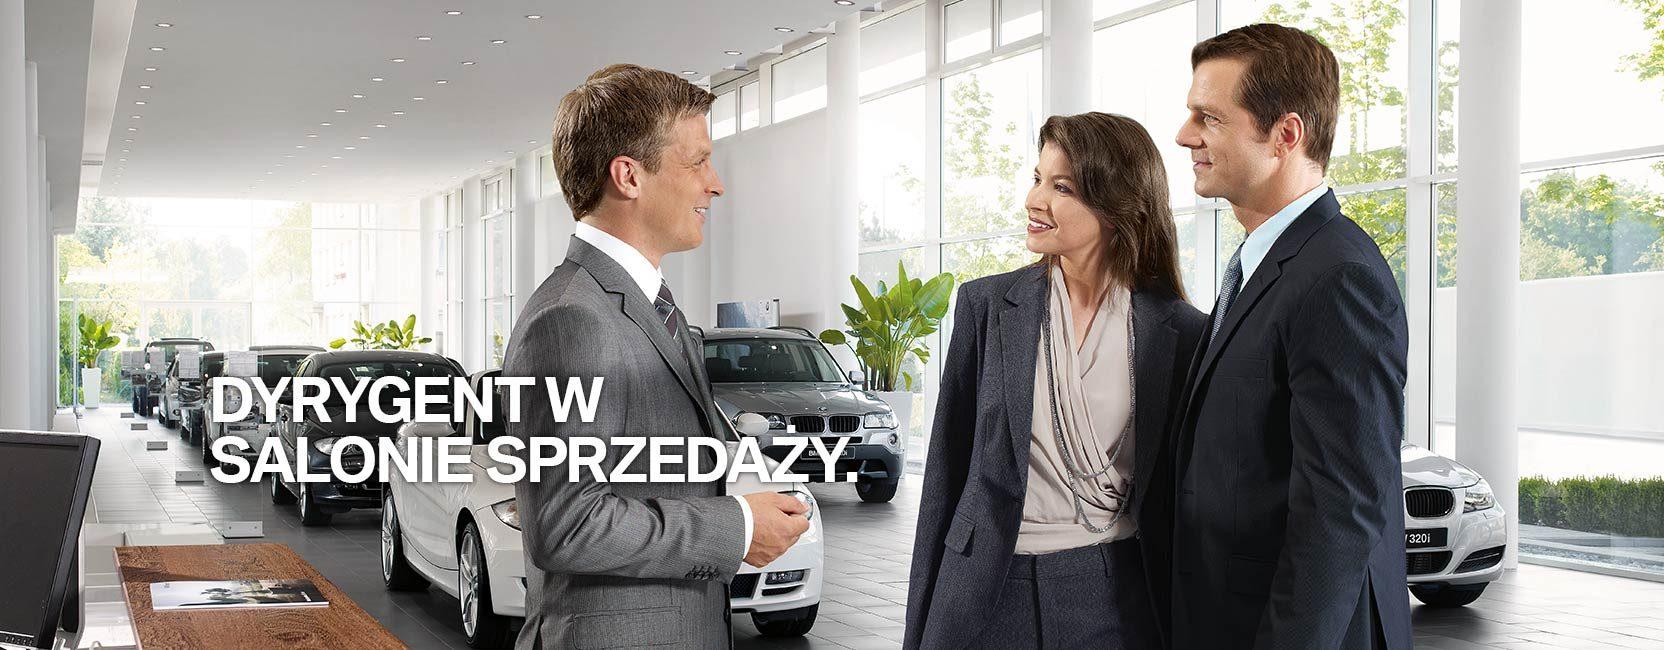 Kierwonik działu sprzedaży BMW